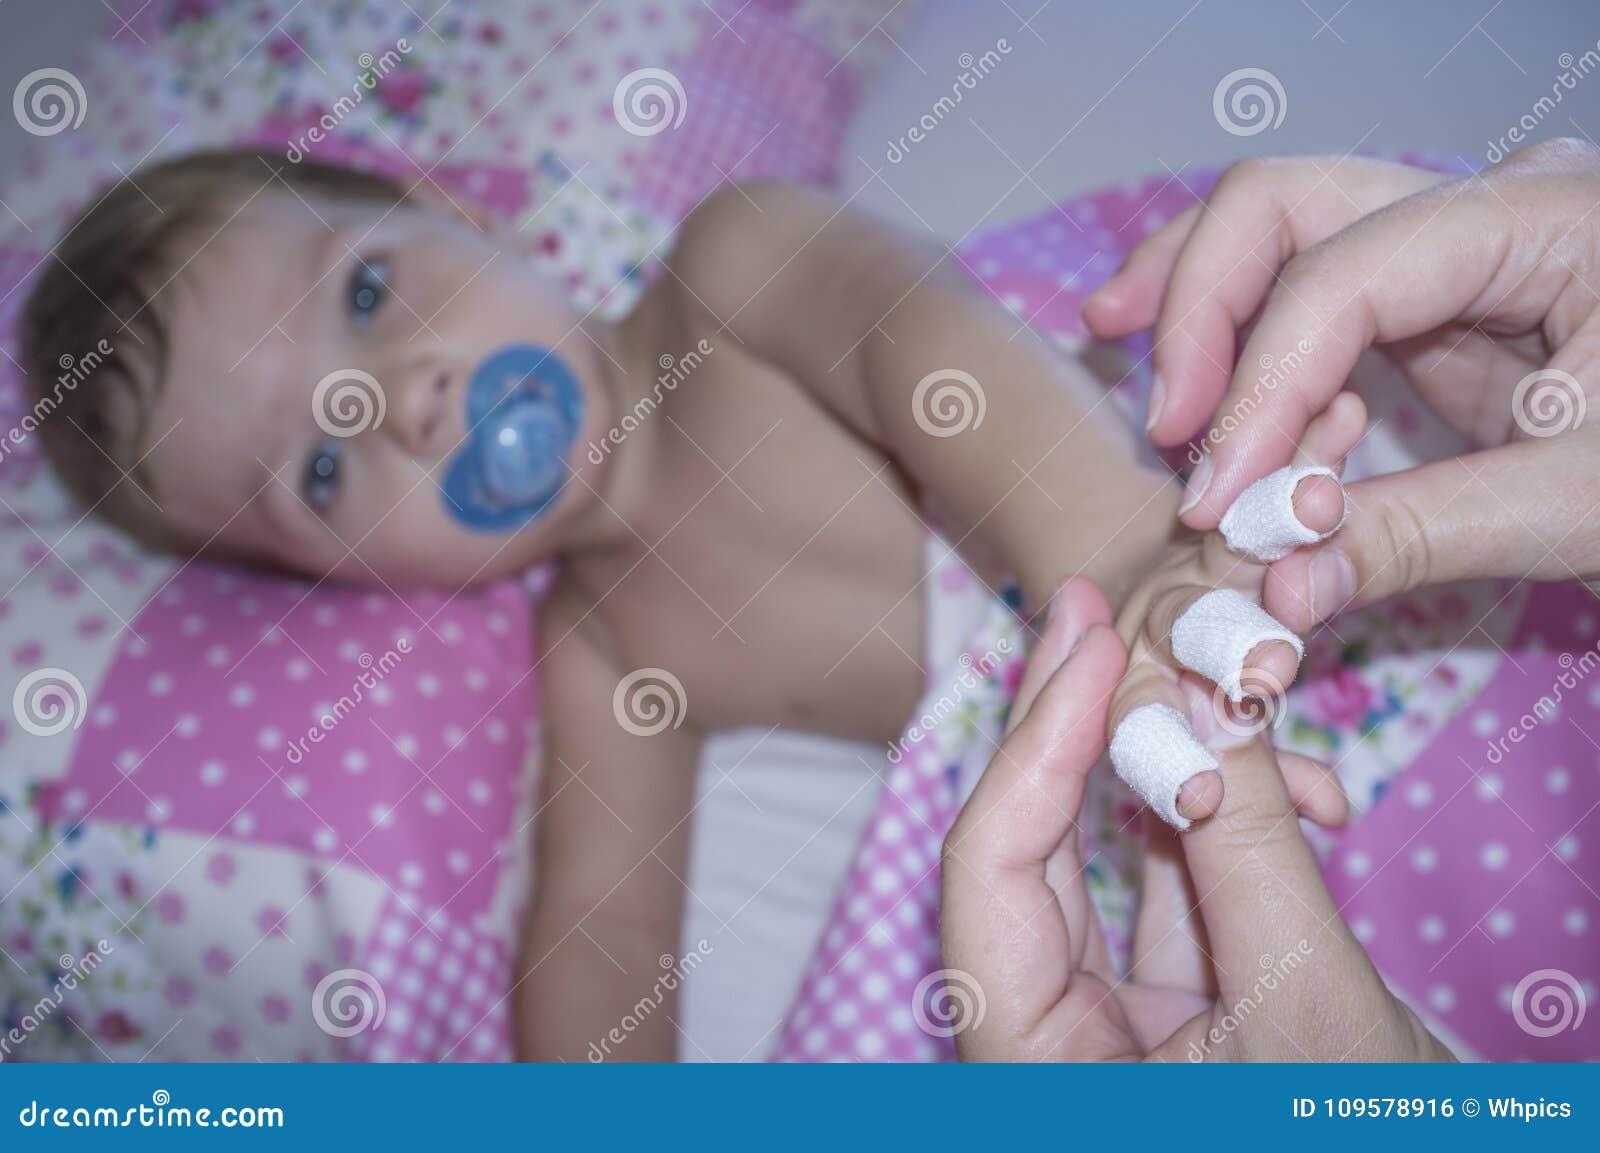 Il neonato mostra le sue dita bendate prima della sofferenza del domestico